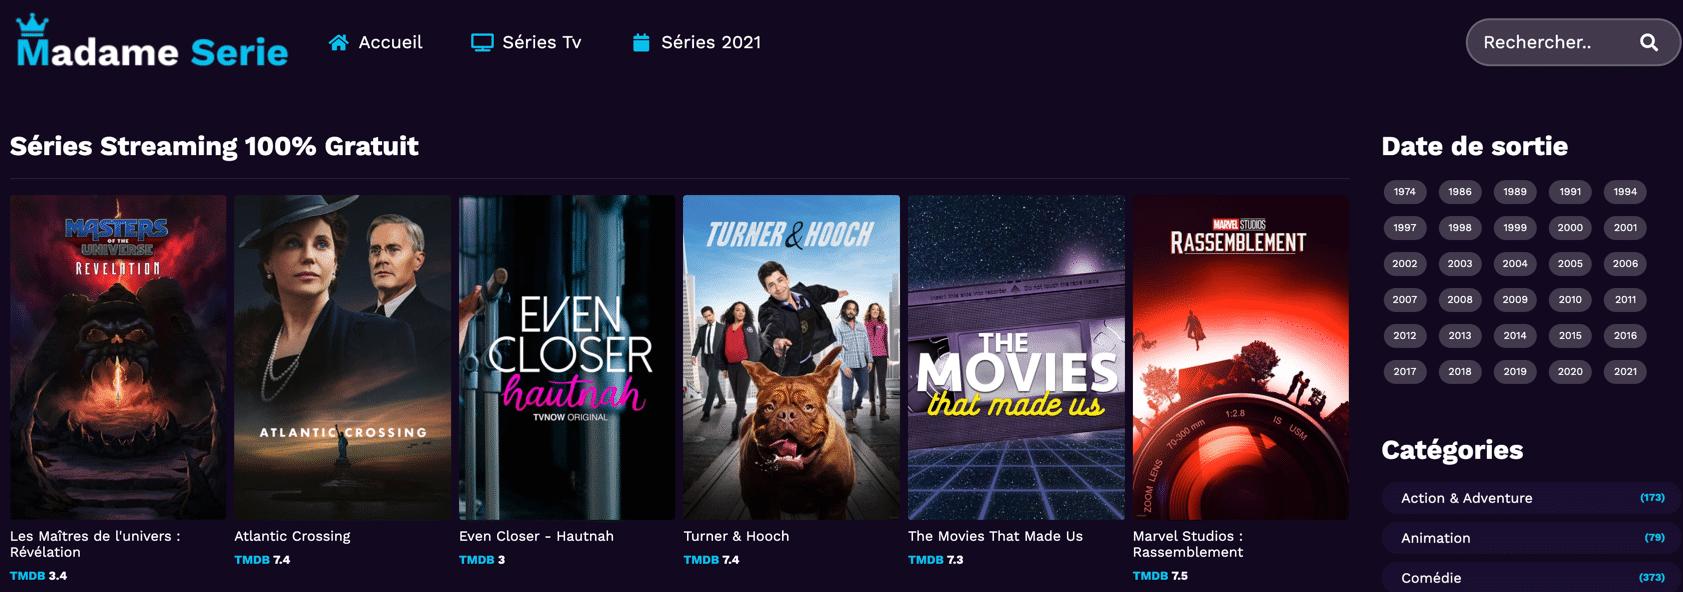 Regardez en streaming et téléchargez des séries gratuites sur Madame Série. Vivez votre passion du streaming gratuitement et de la meilleure qualité possible !